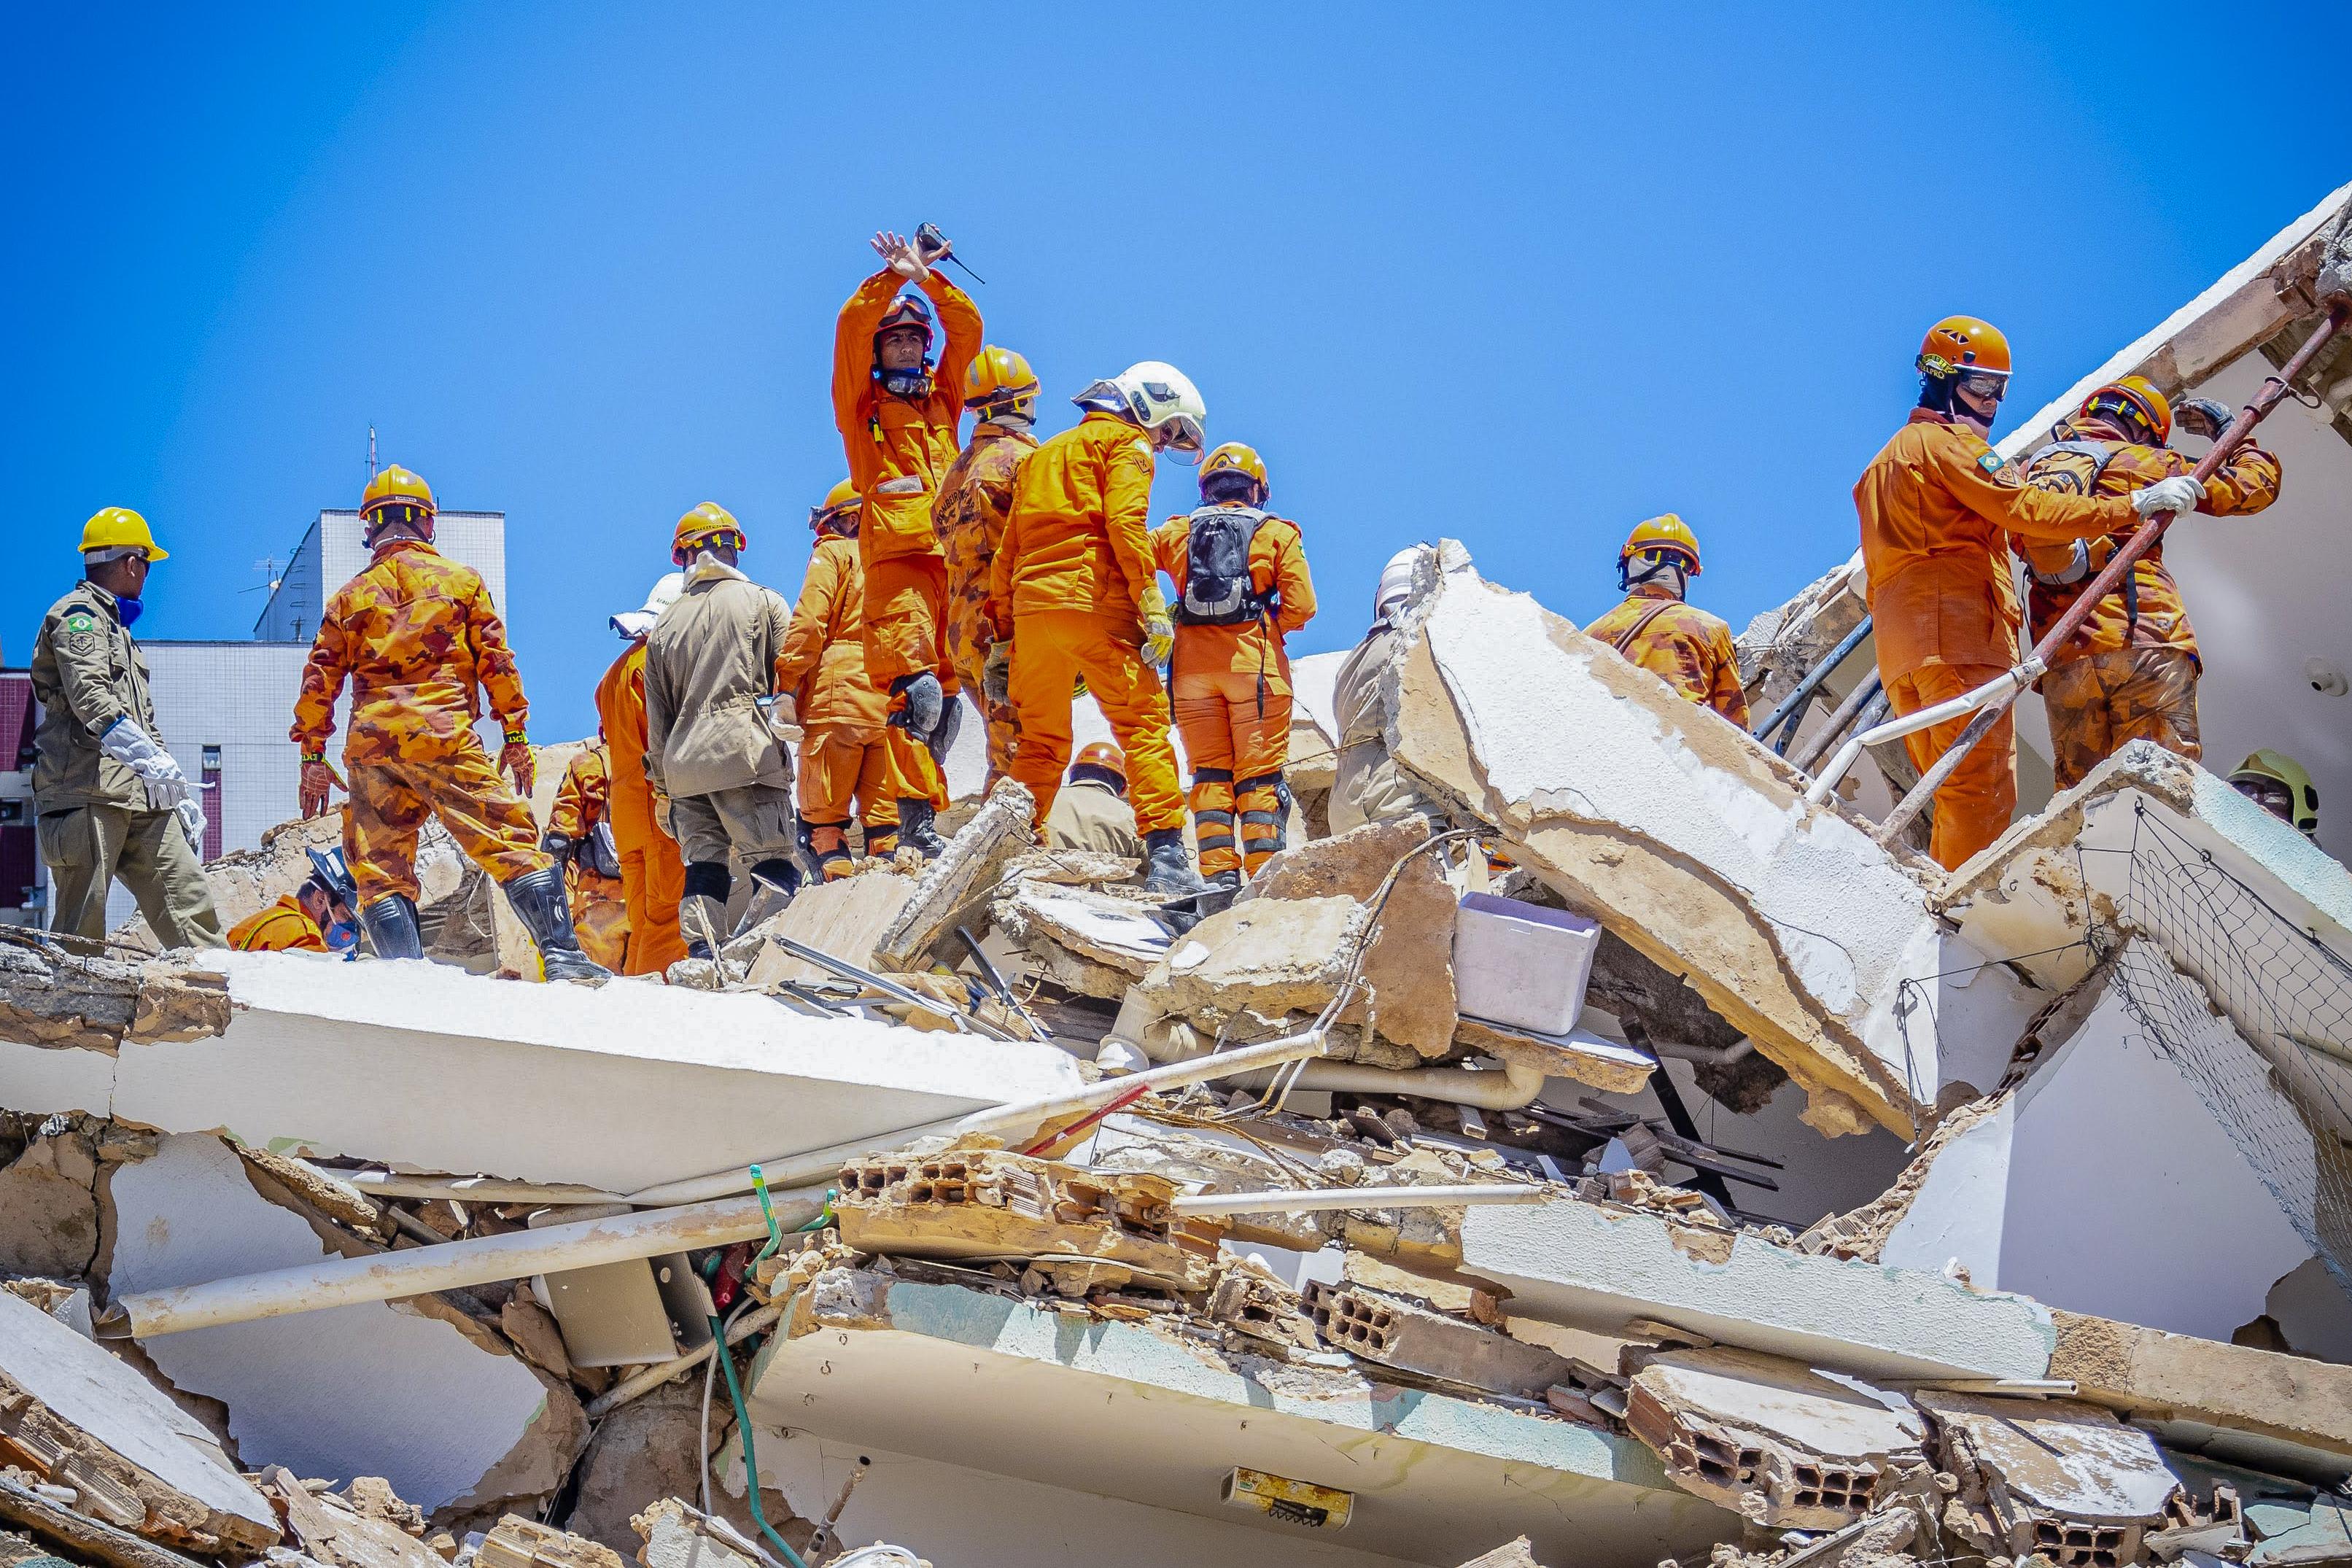 Forças de segurança trabalham para resgatar pessoas com vida em local de desabamento